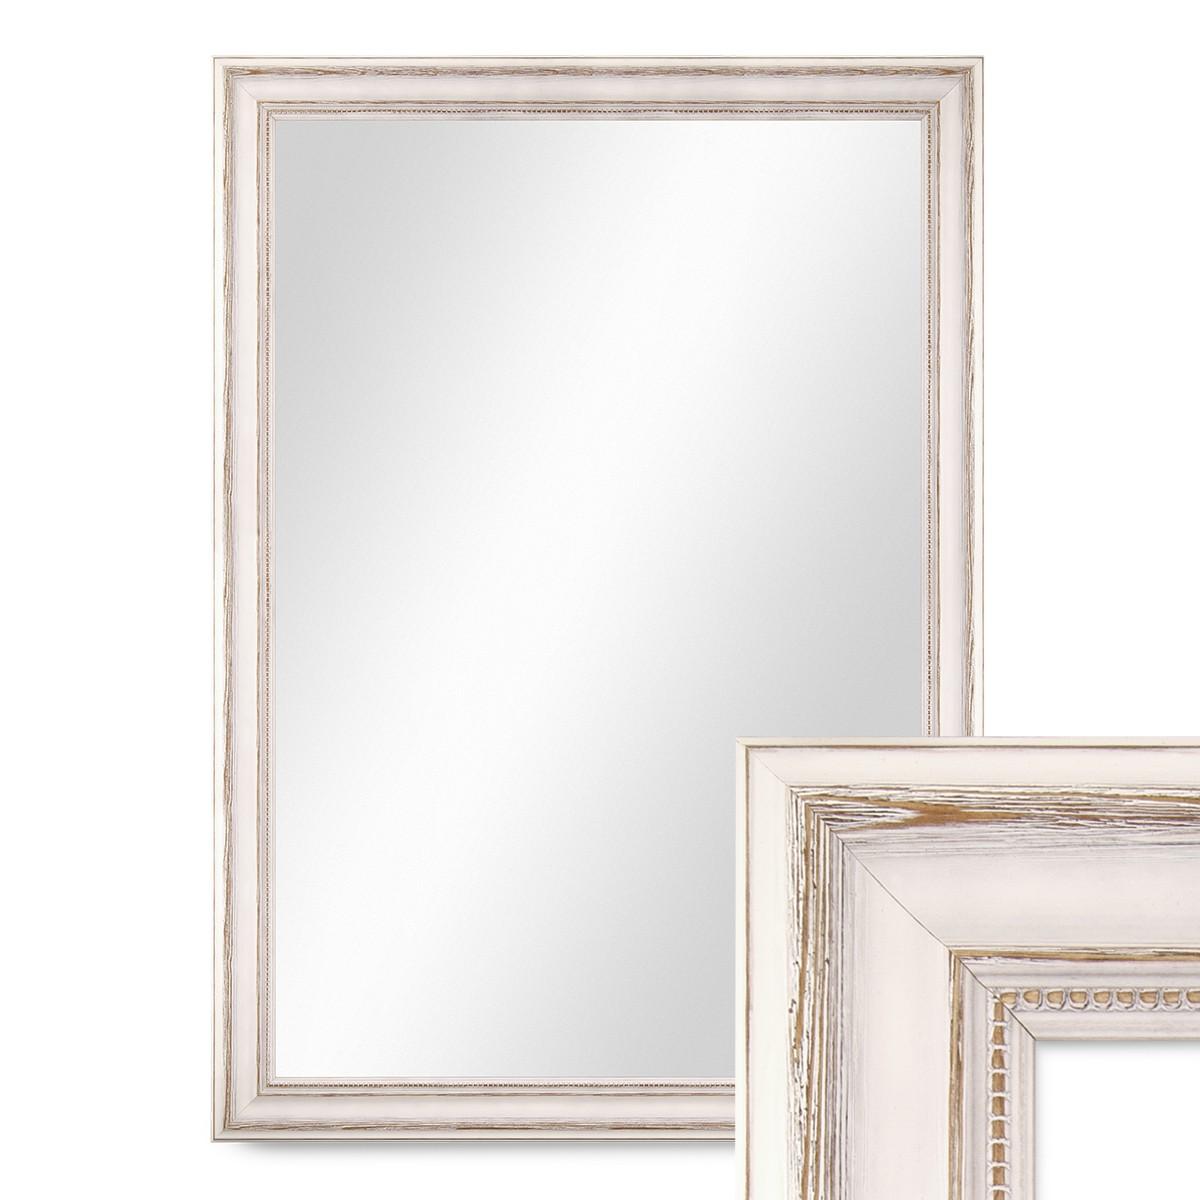 wand spiegel 60x80 cm im massivholz rahmen landhaus stil weiss spiegelfl che 50x70 cm spiegel. Black Bedroom Furniture Sets. Home Design Ideas